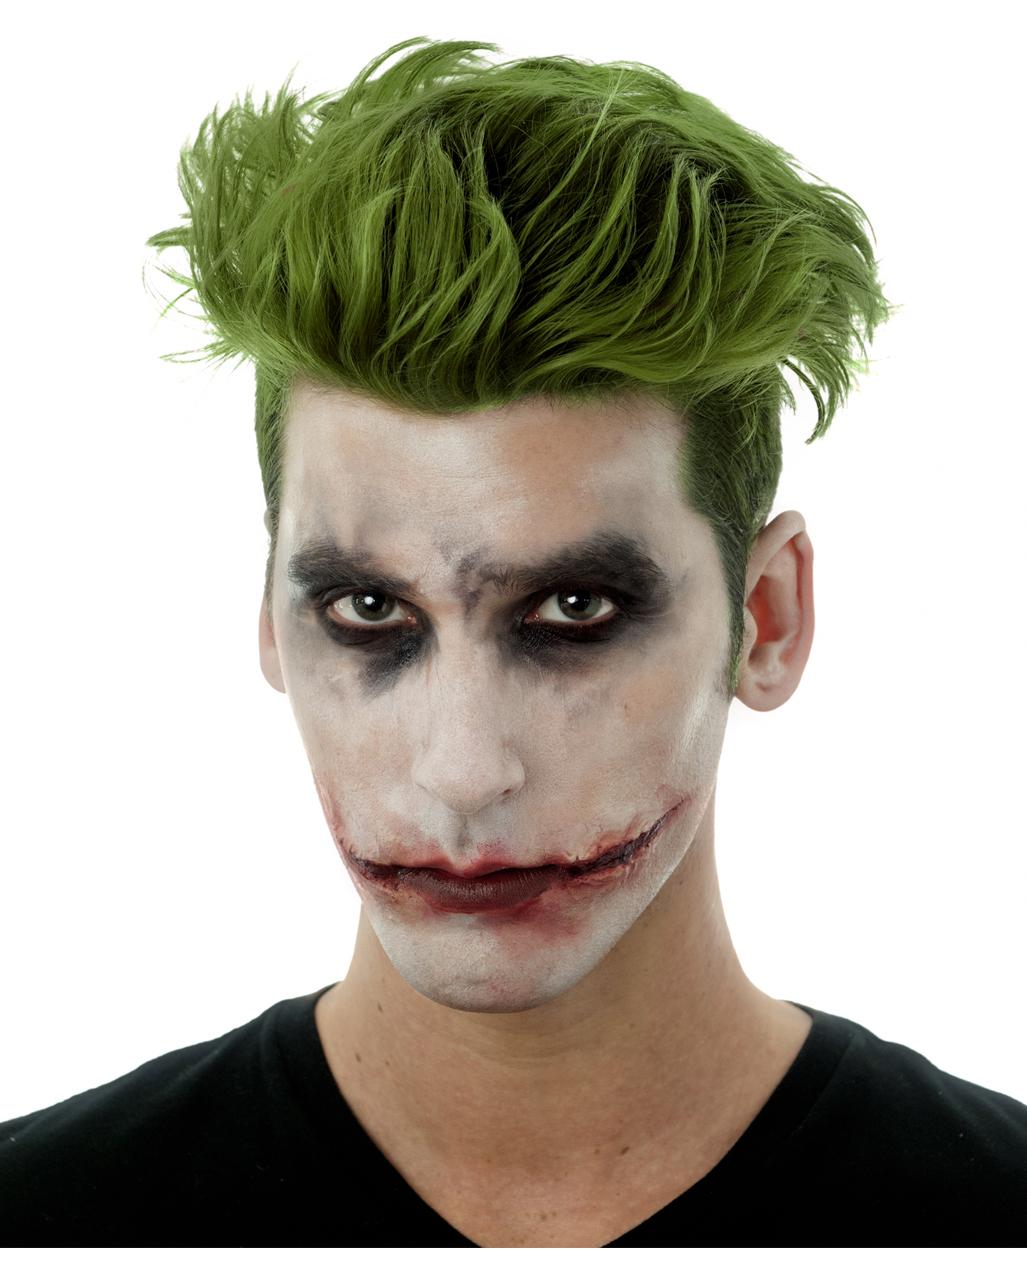 Joker Narben aus Latex | Joker Make-up schminken | Horror-Shop.com